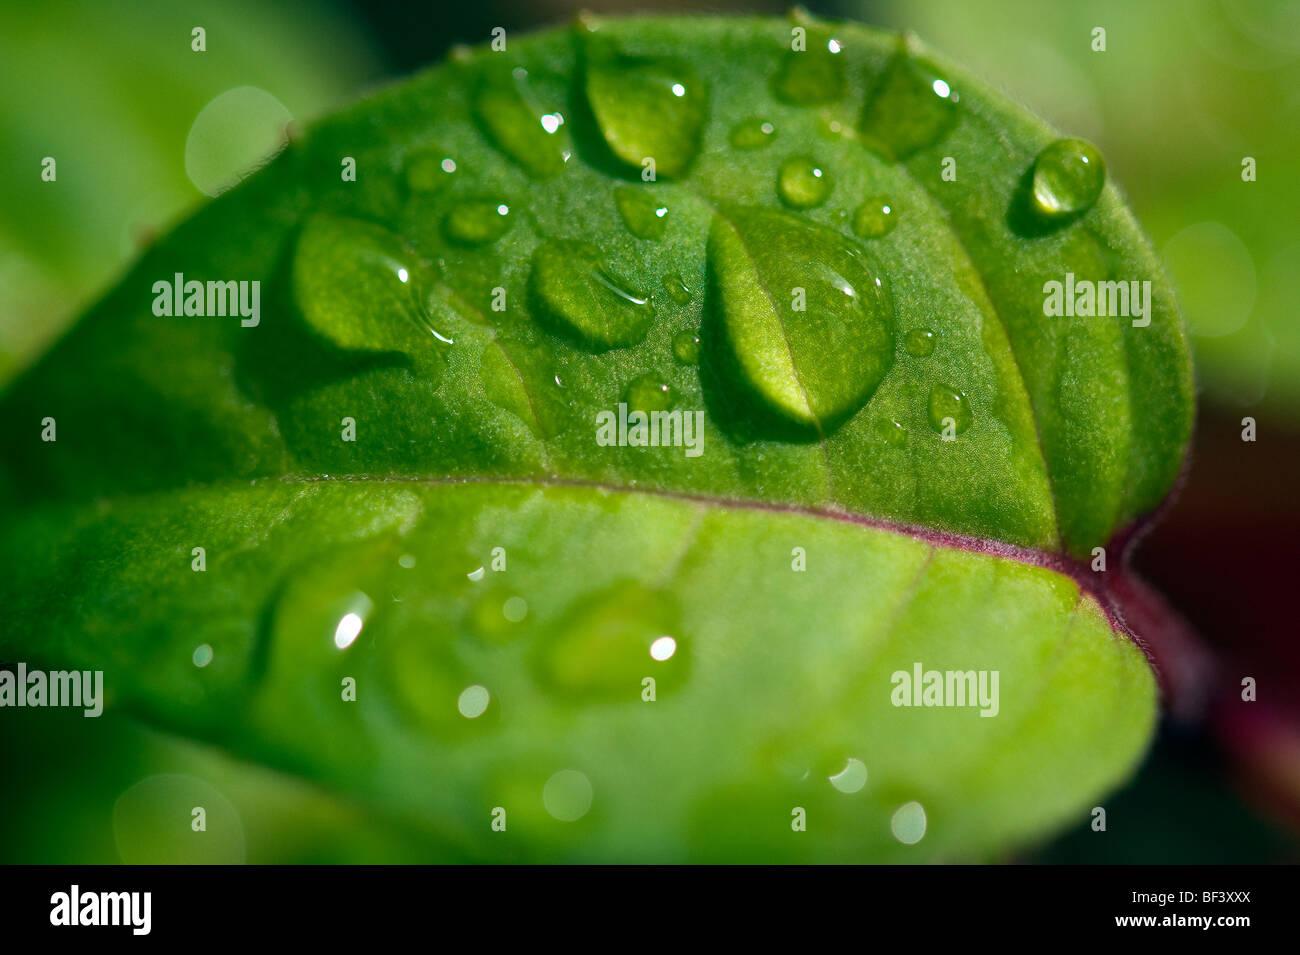 La mattina presto gocce di rugiada si riuniscono sulle foglie di una pianta nel giardino di una casa in Inghilterra Immagini Stock